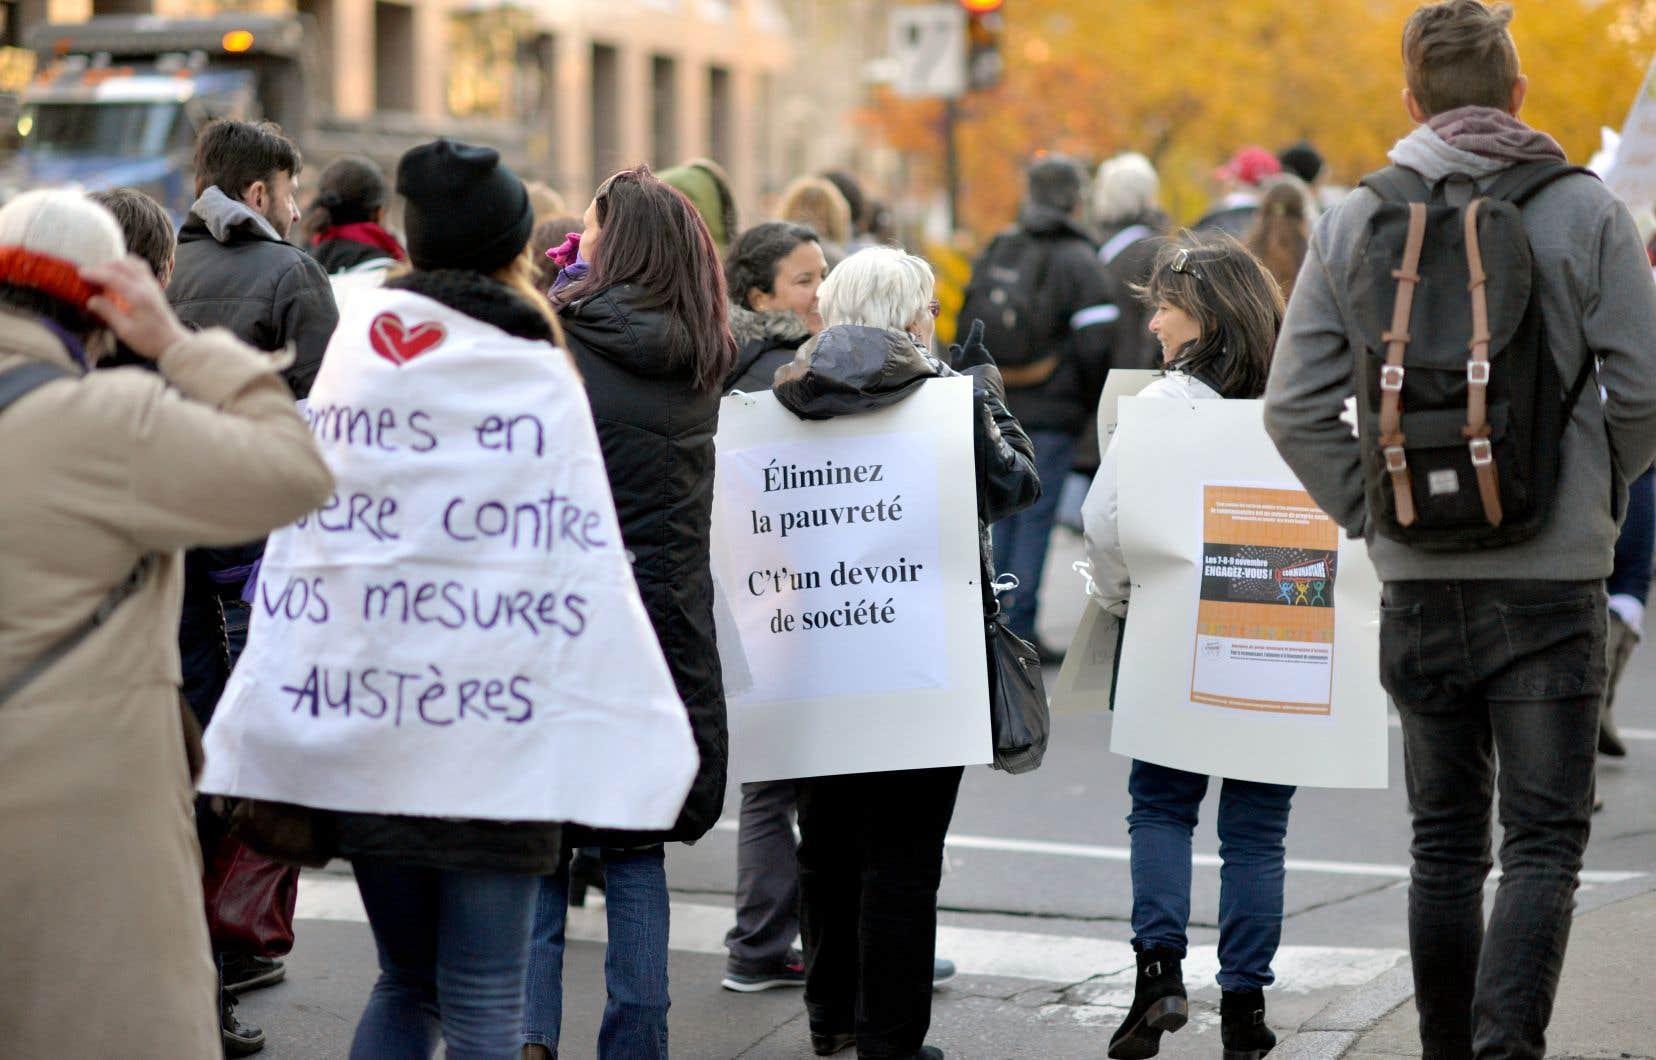 Manifestation à Montréal, en 2016, réclamant de meilleures politiques pour contrer la pauvreté et dénonçant les mesures d'austérité du gouvernement Couillard